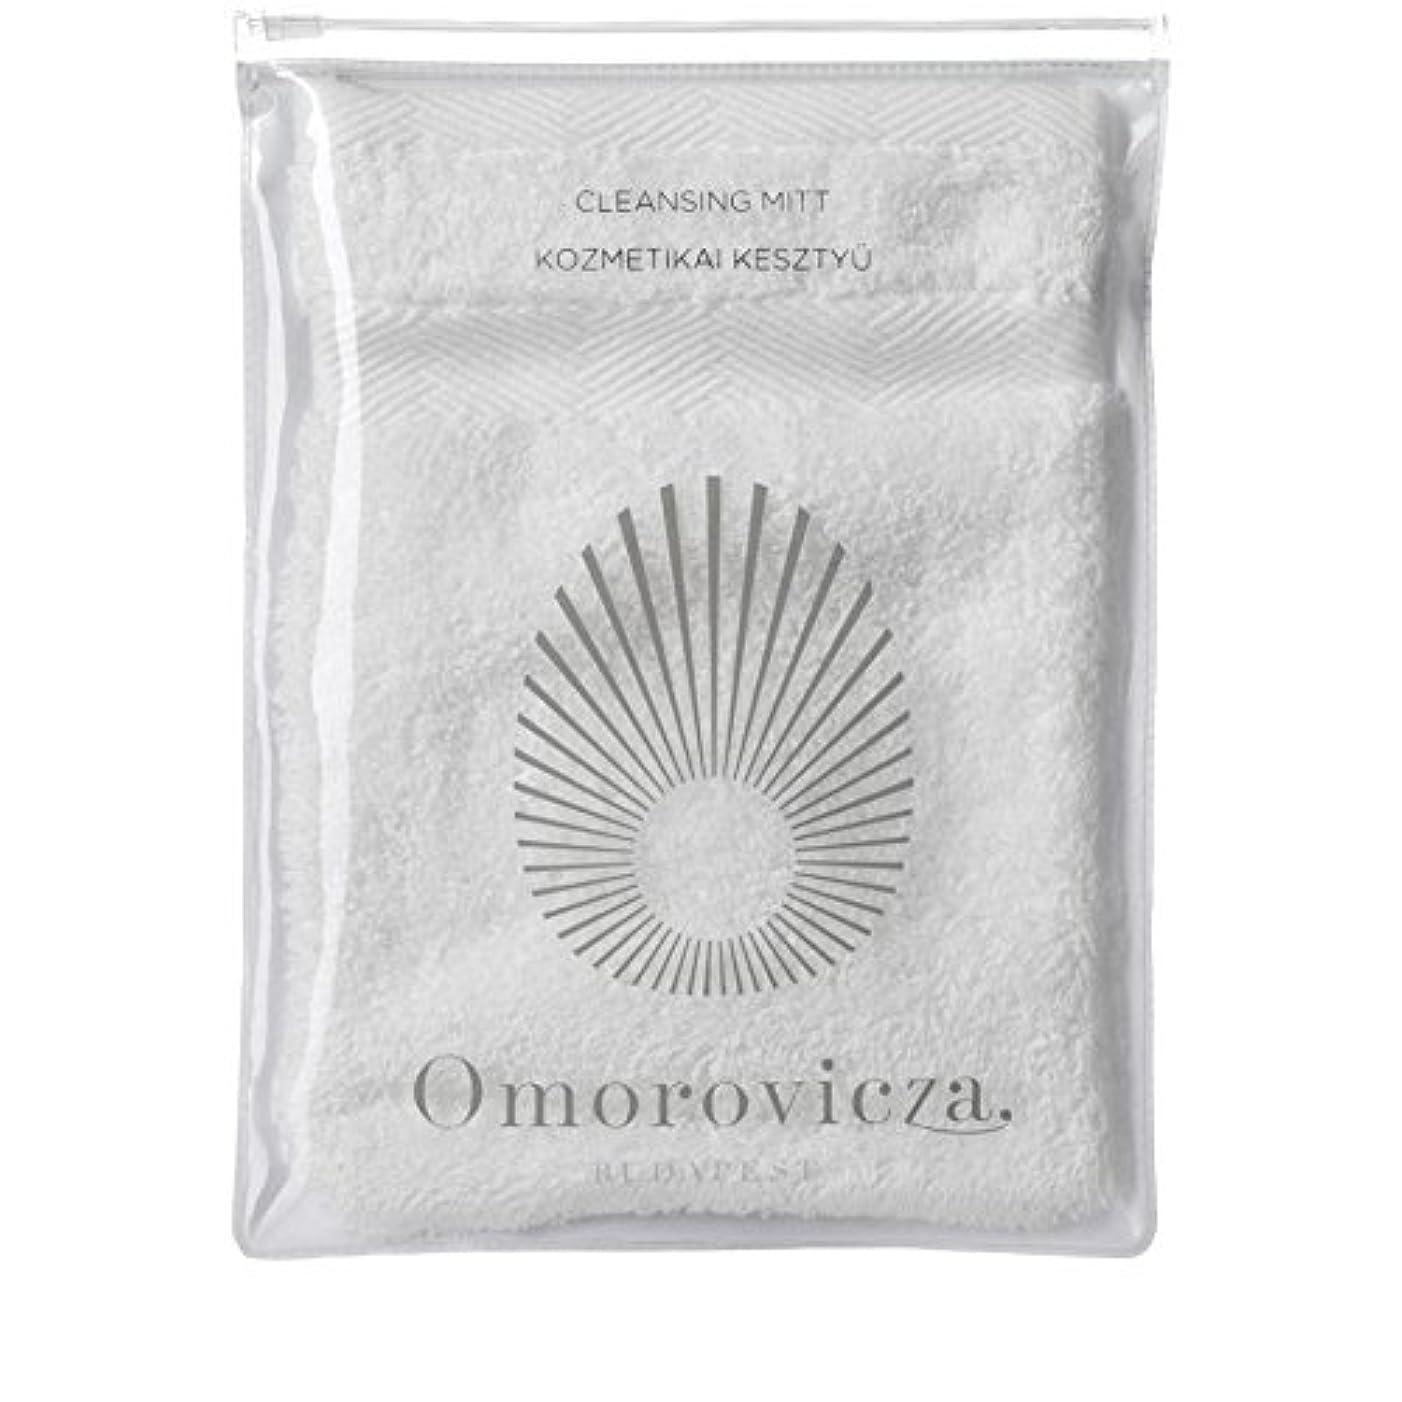 系譜控えめなユーモアクレンジング顔のミット、 x4 - Omorovicza Cleansing Facial Mitt, Omorovicza (Pack of 4) [並行輸入品]